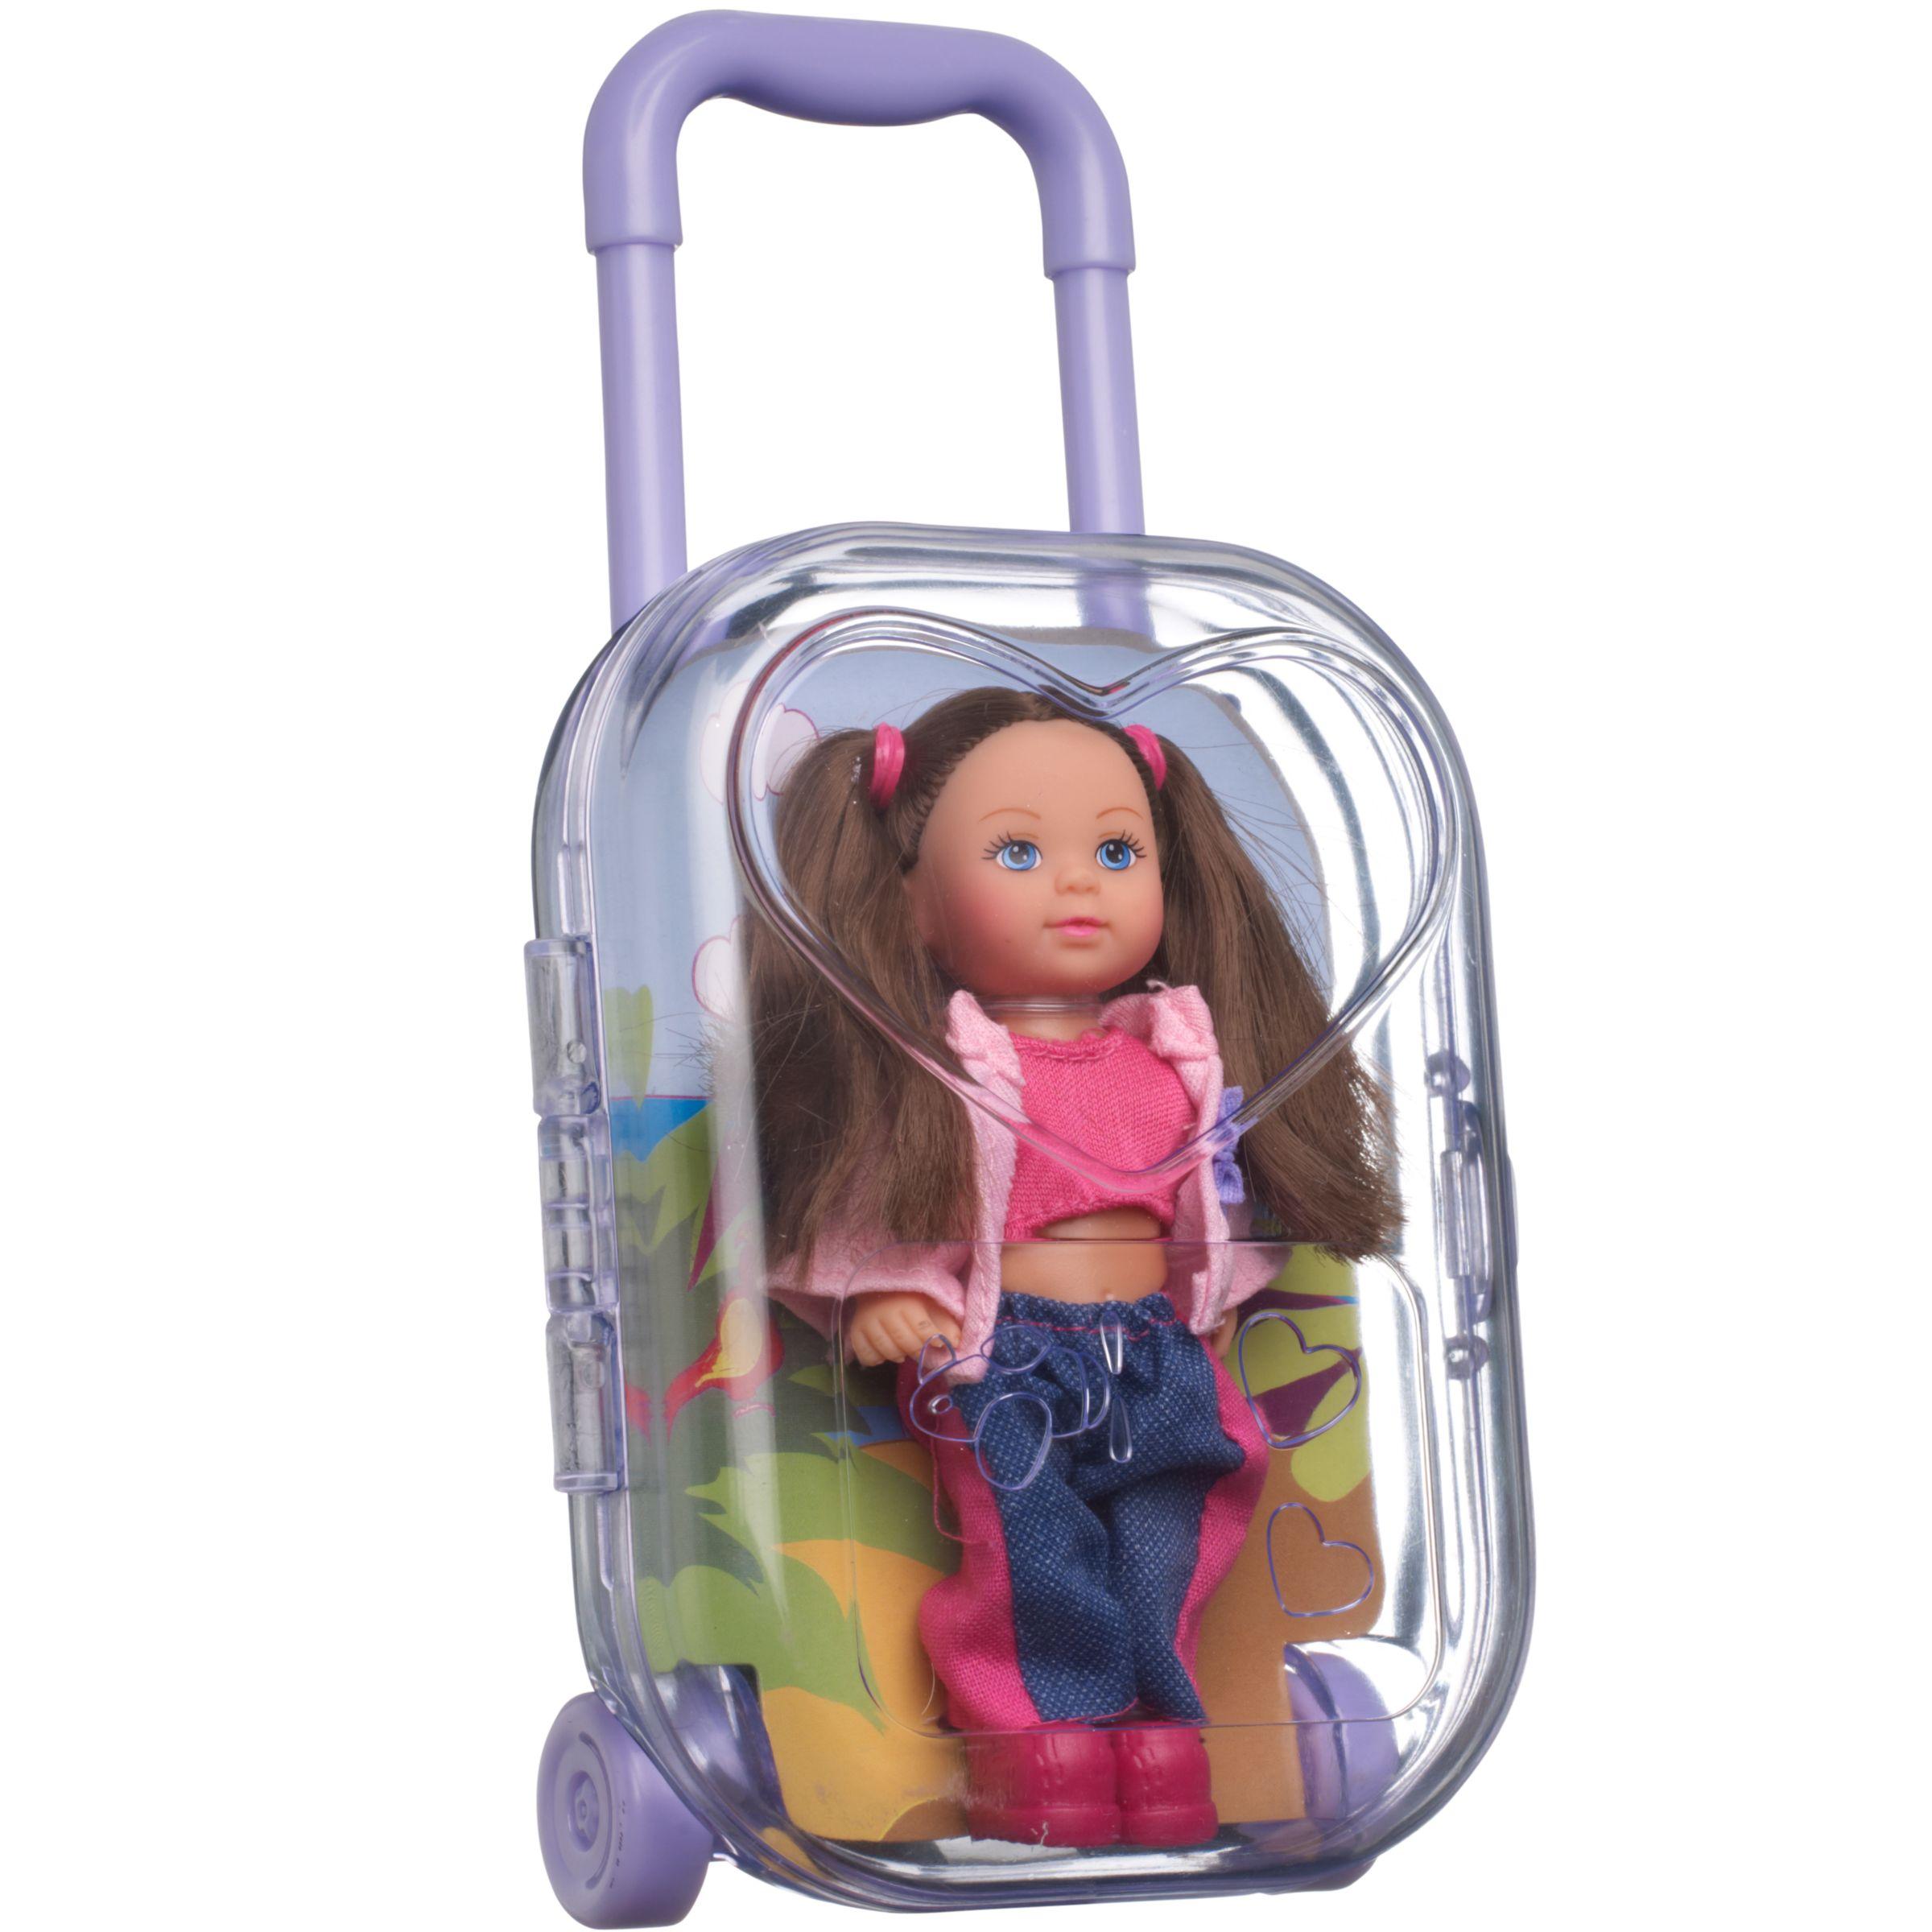 Steffi Steffi Evi Doll Air Hostess Trolley